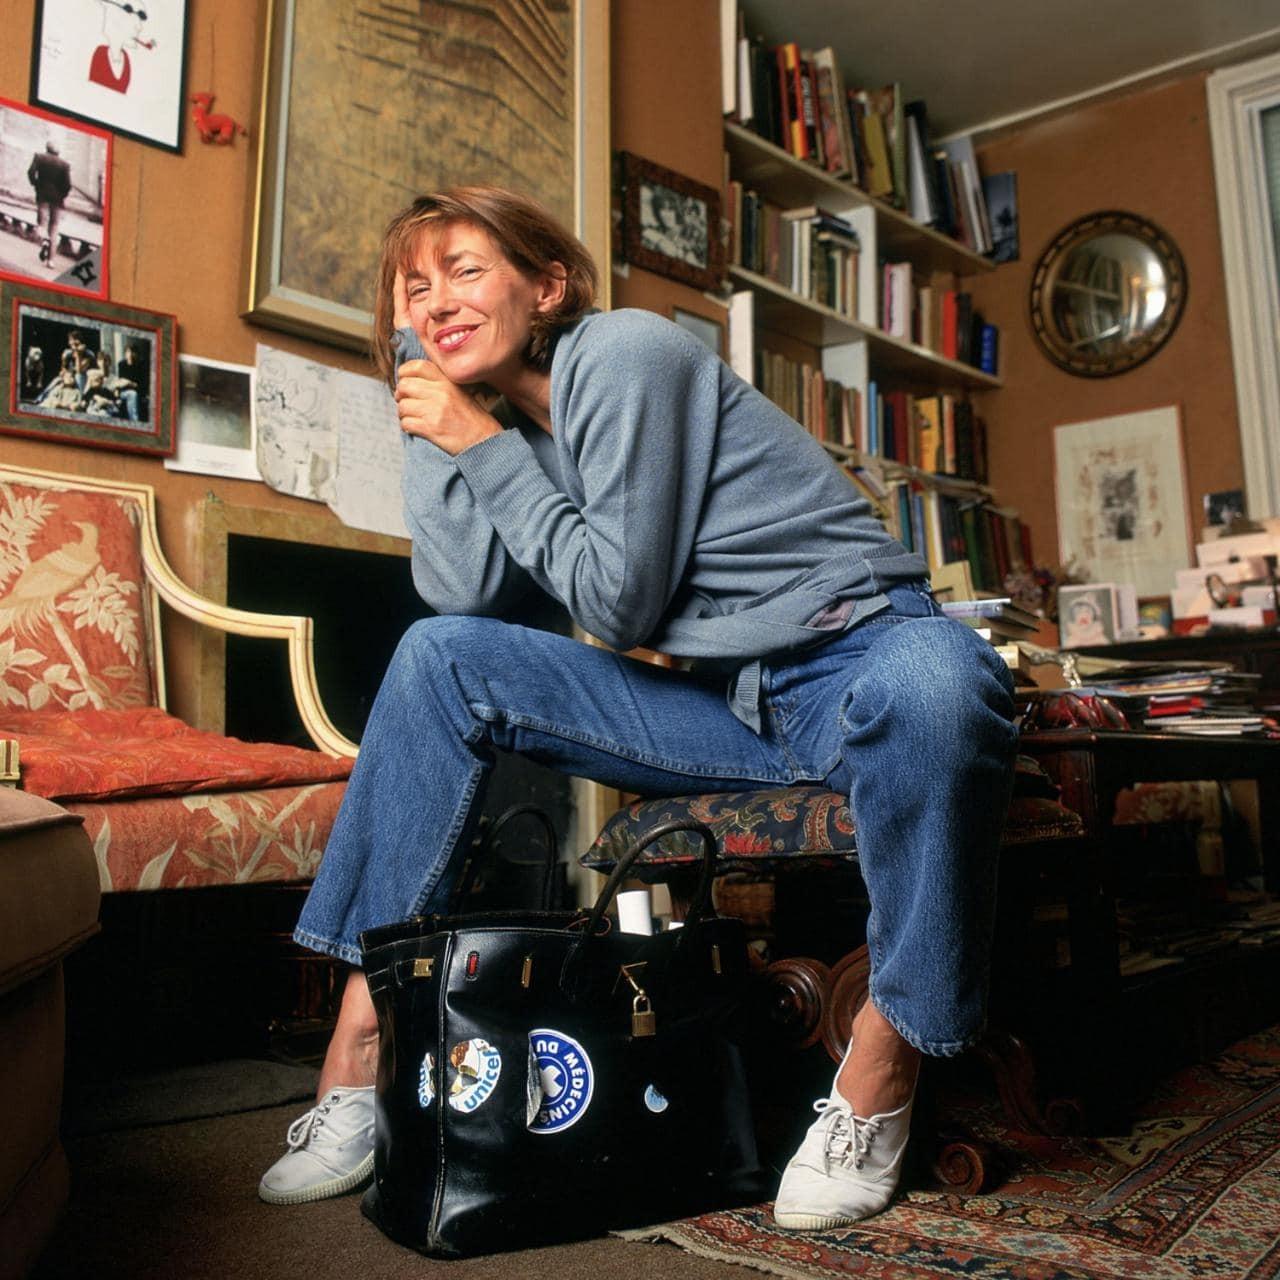 Jane Birkin com a bolsa que leva seu nome (Foto: Reprodução)